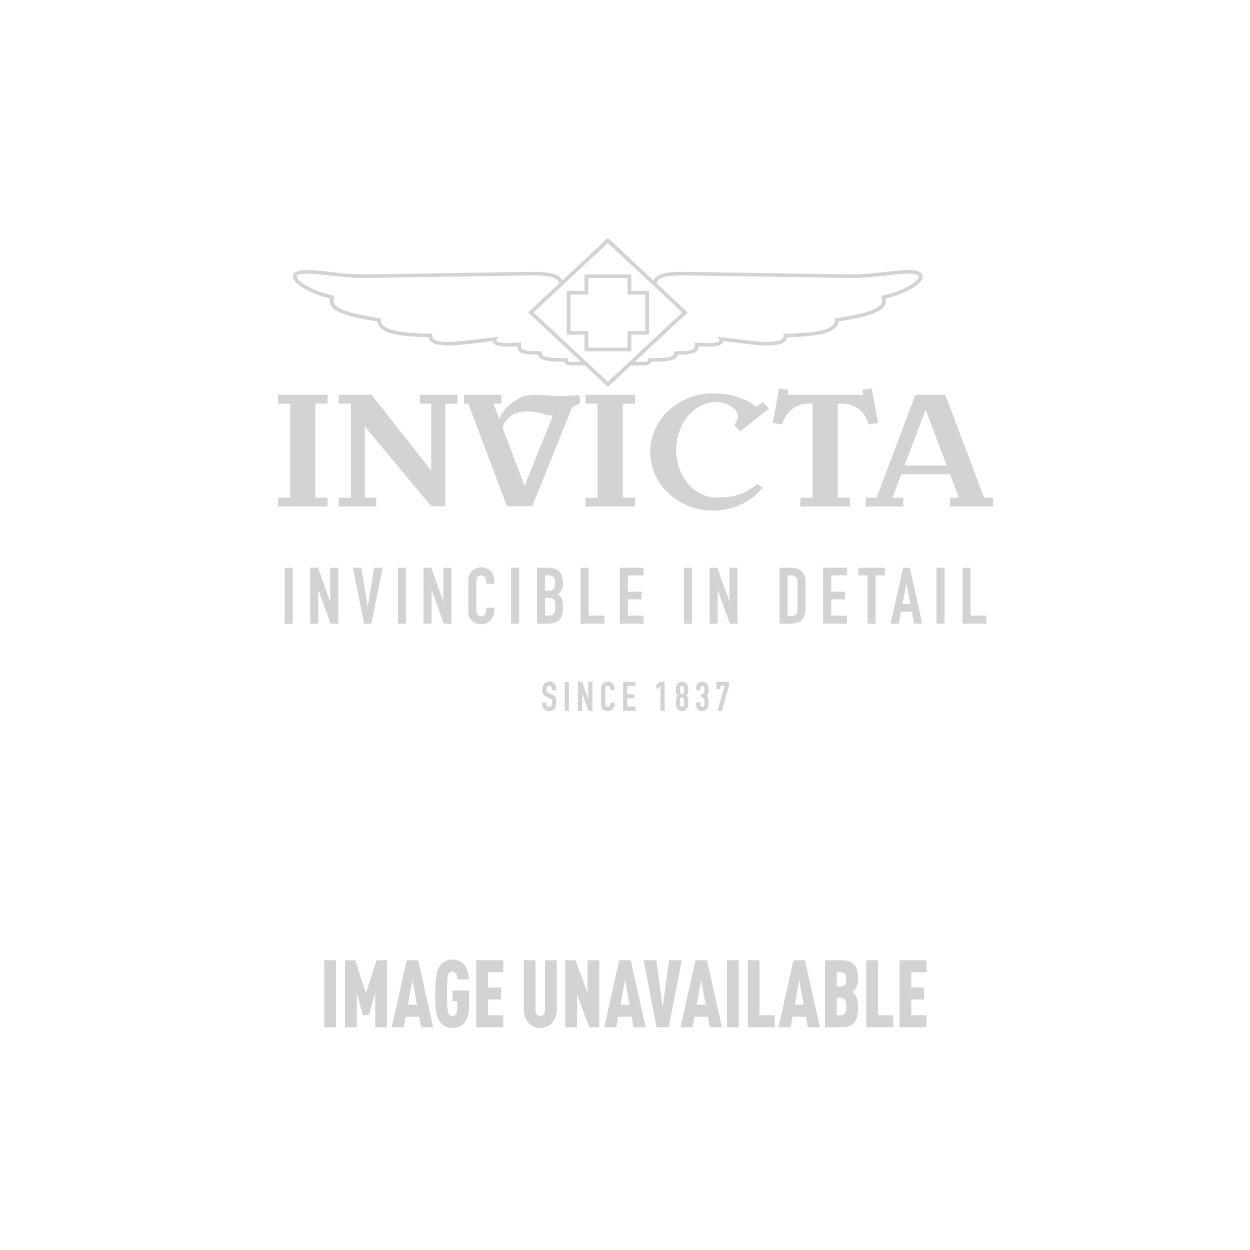 Invicta Model 24844